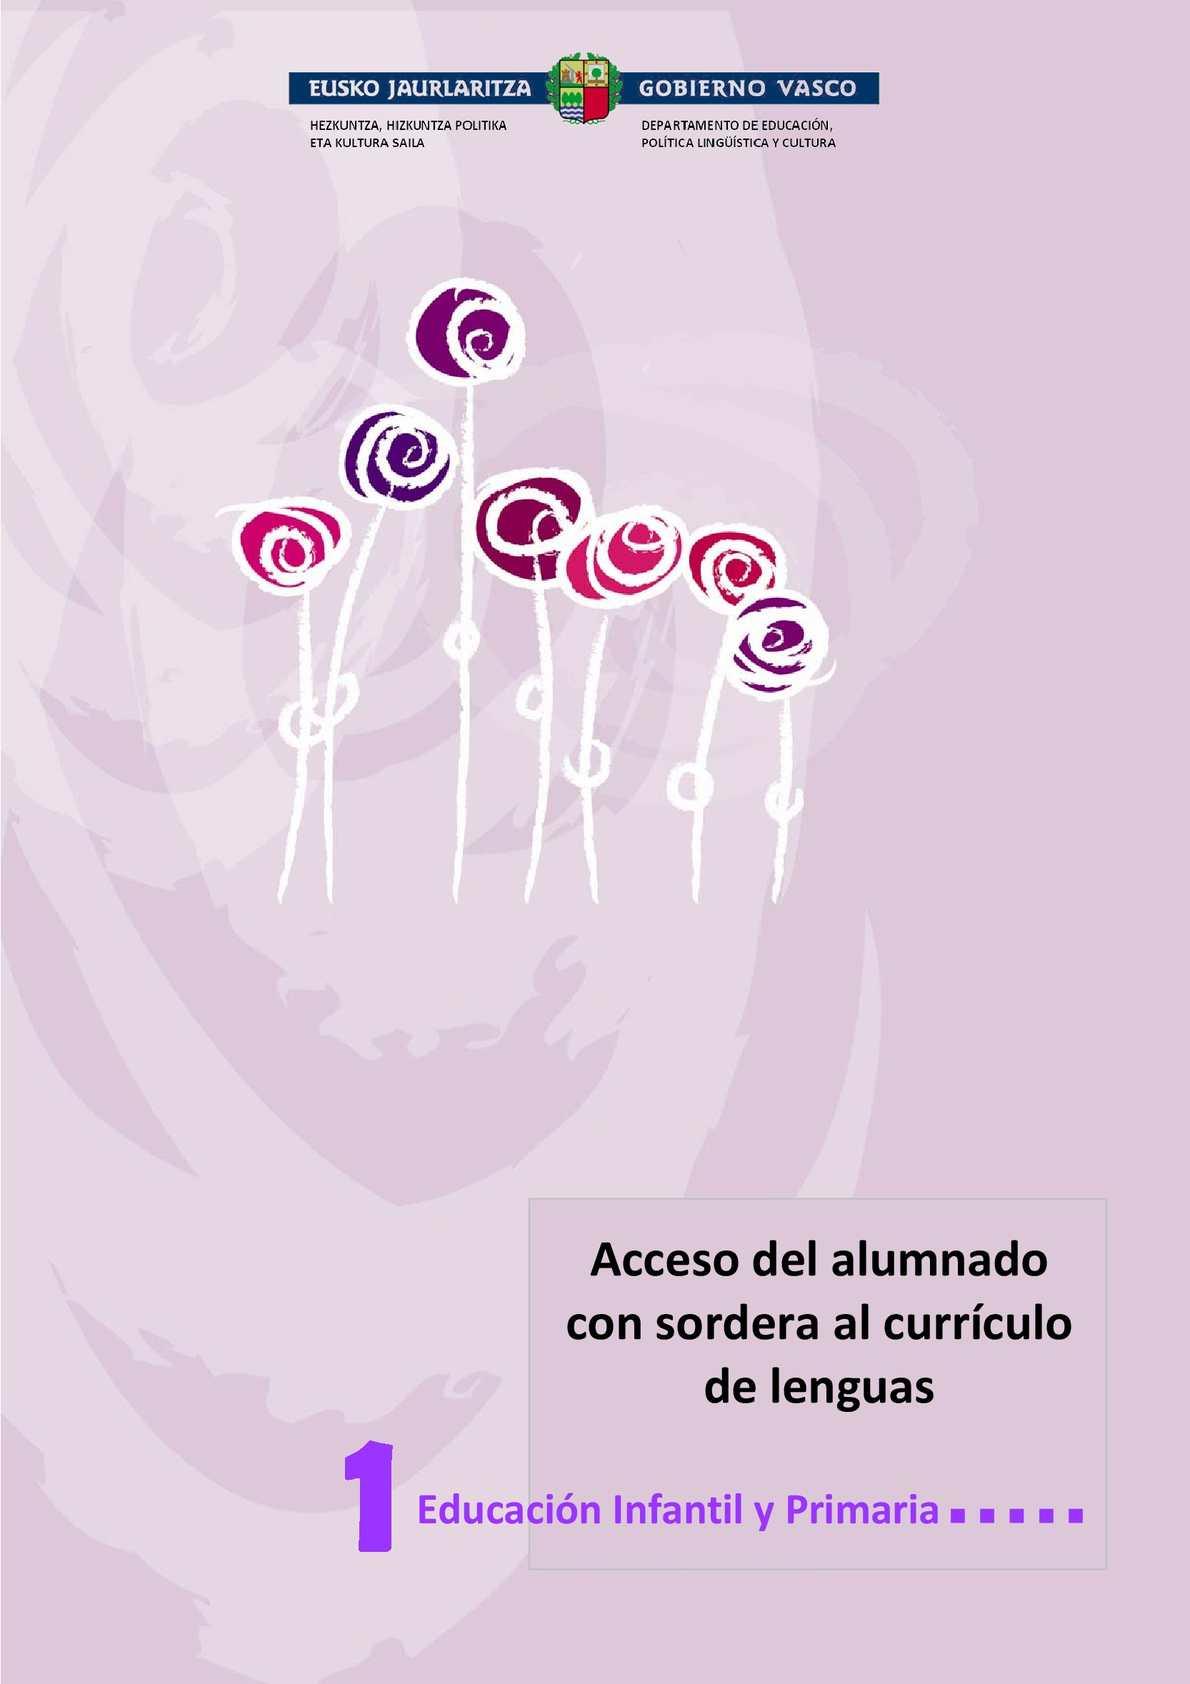 Calaméo - HLH-Acceso del alumnado con sordera al curriculo de lenguas